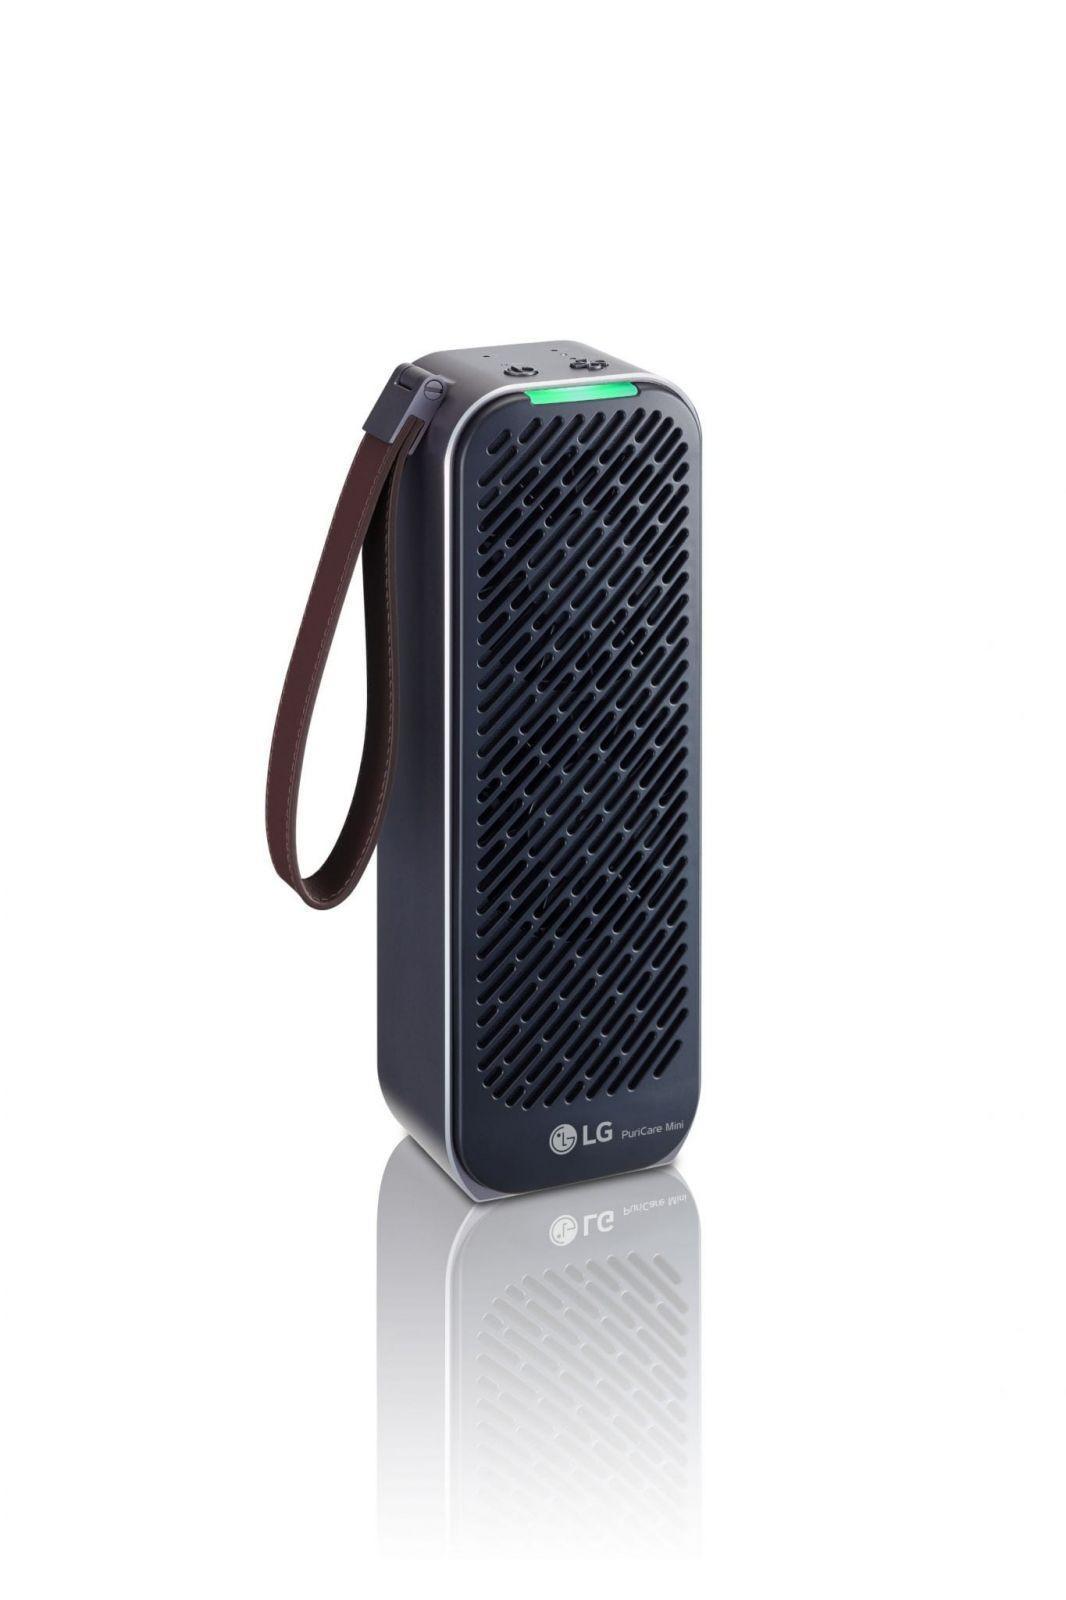 LG выпускает портативный очиститель воздуха LG PuriCare Mini (puricare mini product 02 1)